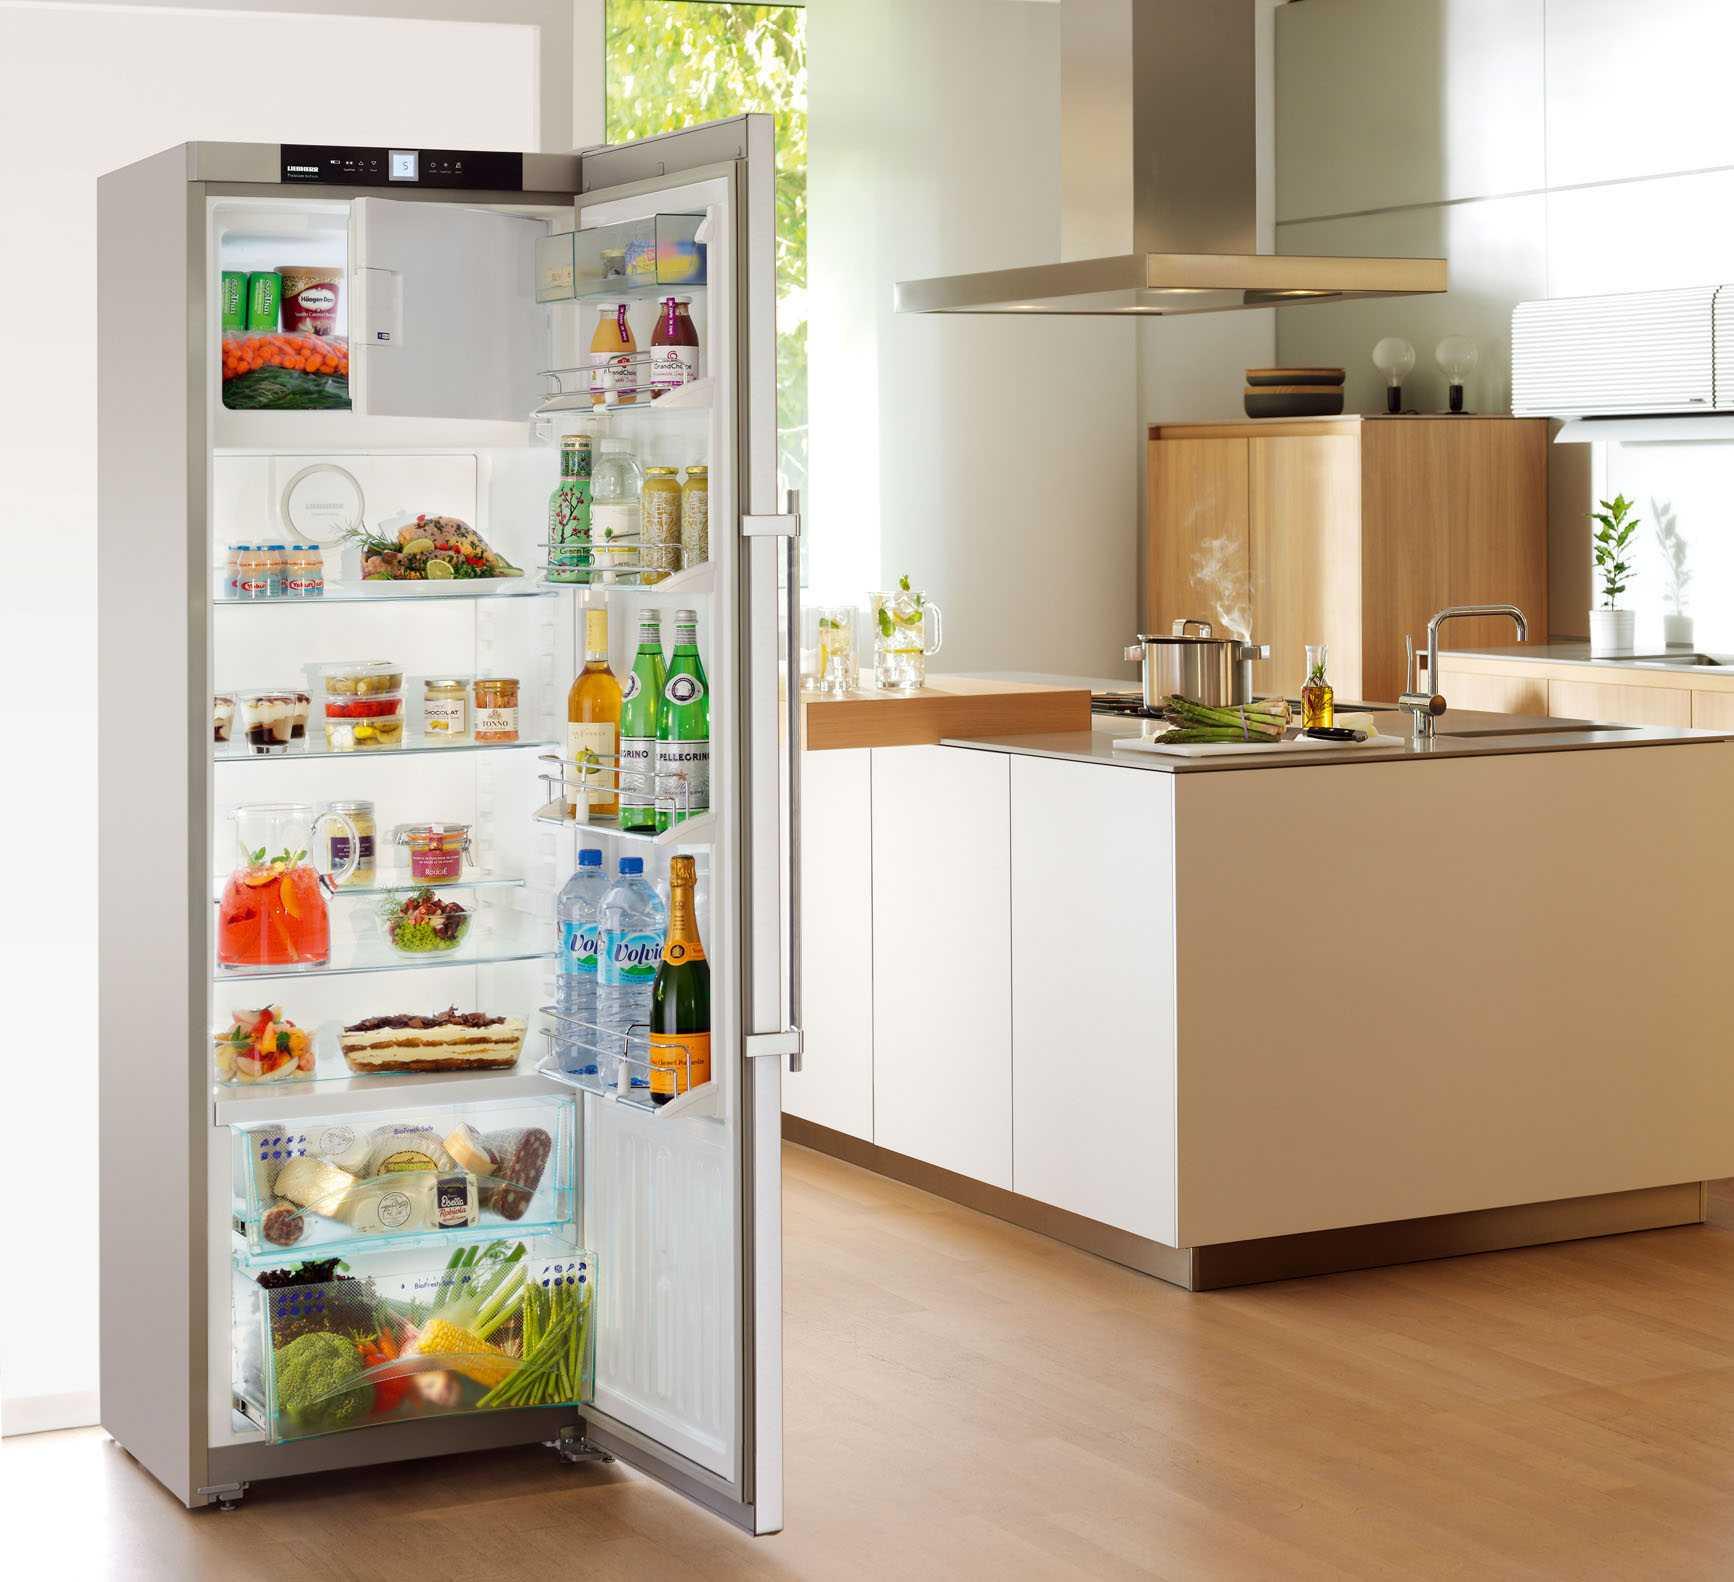 Чем отличаются холодильники Какая марка лучше Где лучше покупать холодильник для дома Ответы в статье